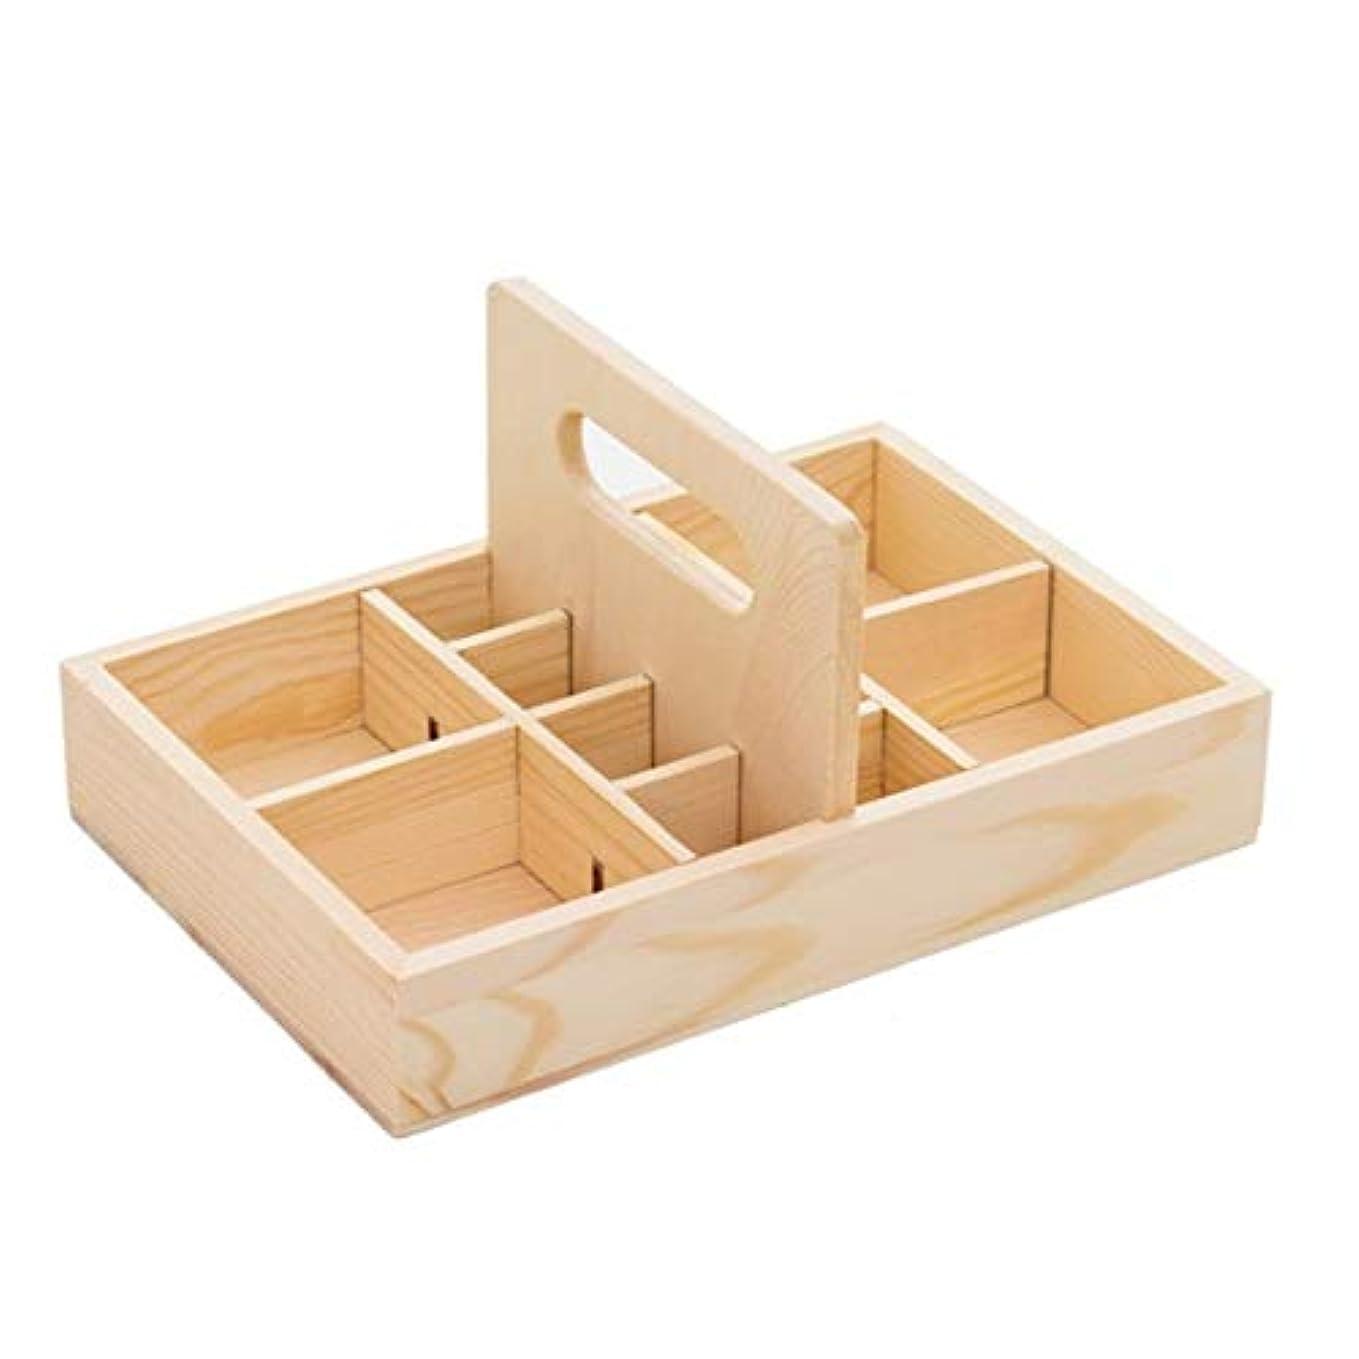 安息洗練抽選エッセンシャルオイルストレージボックス キャリー付きエッセンシャルオイルストレージボックスオーガナイザーは木製油ケースホルダー収納ボックスを処理します 旅行およびプレゼンテーション用 (色 : Natural, サイズ : 22X15X4.2CM)